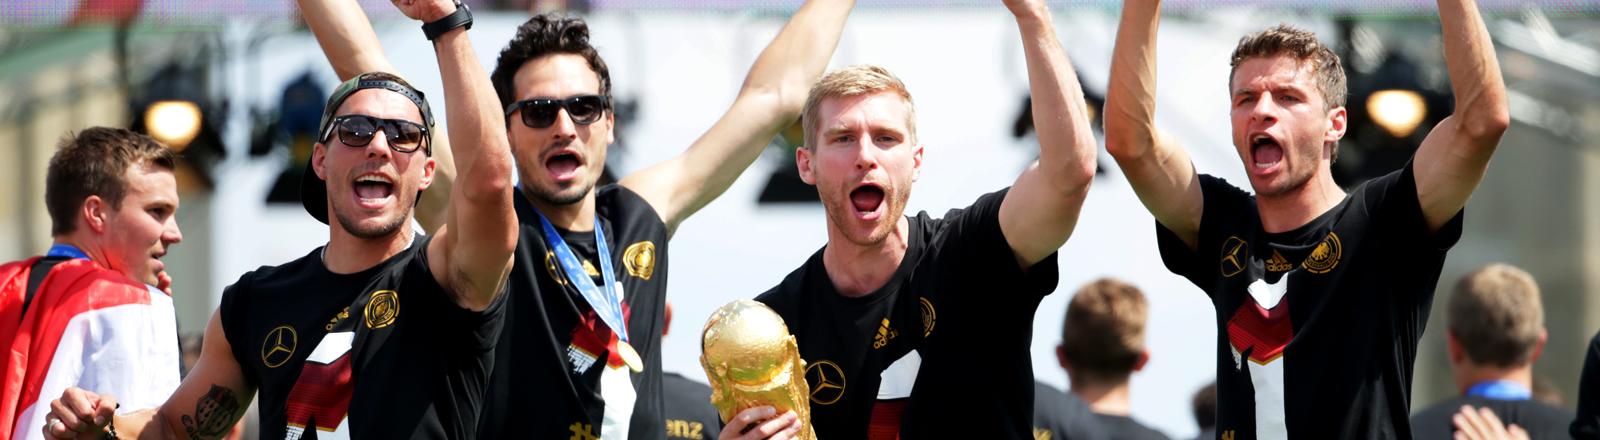 Lukas Podolski, Mats Hummels, Per Mertesacker mit WM-Pokal und Thomas Müller jubeln beim Empfang auf der Fanmeile